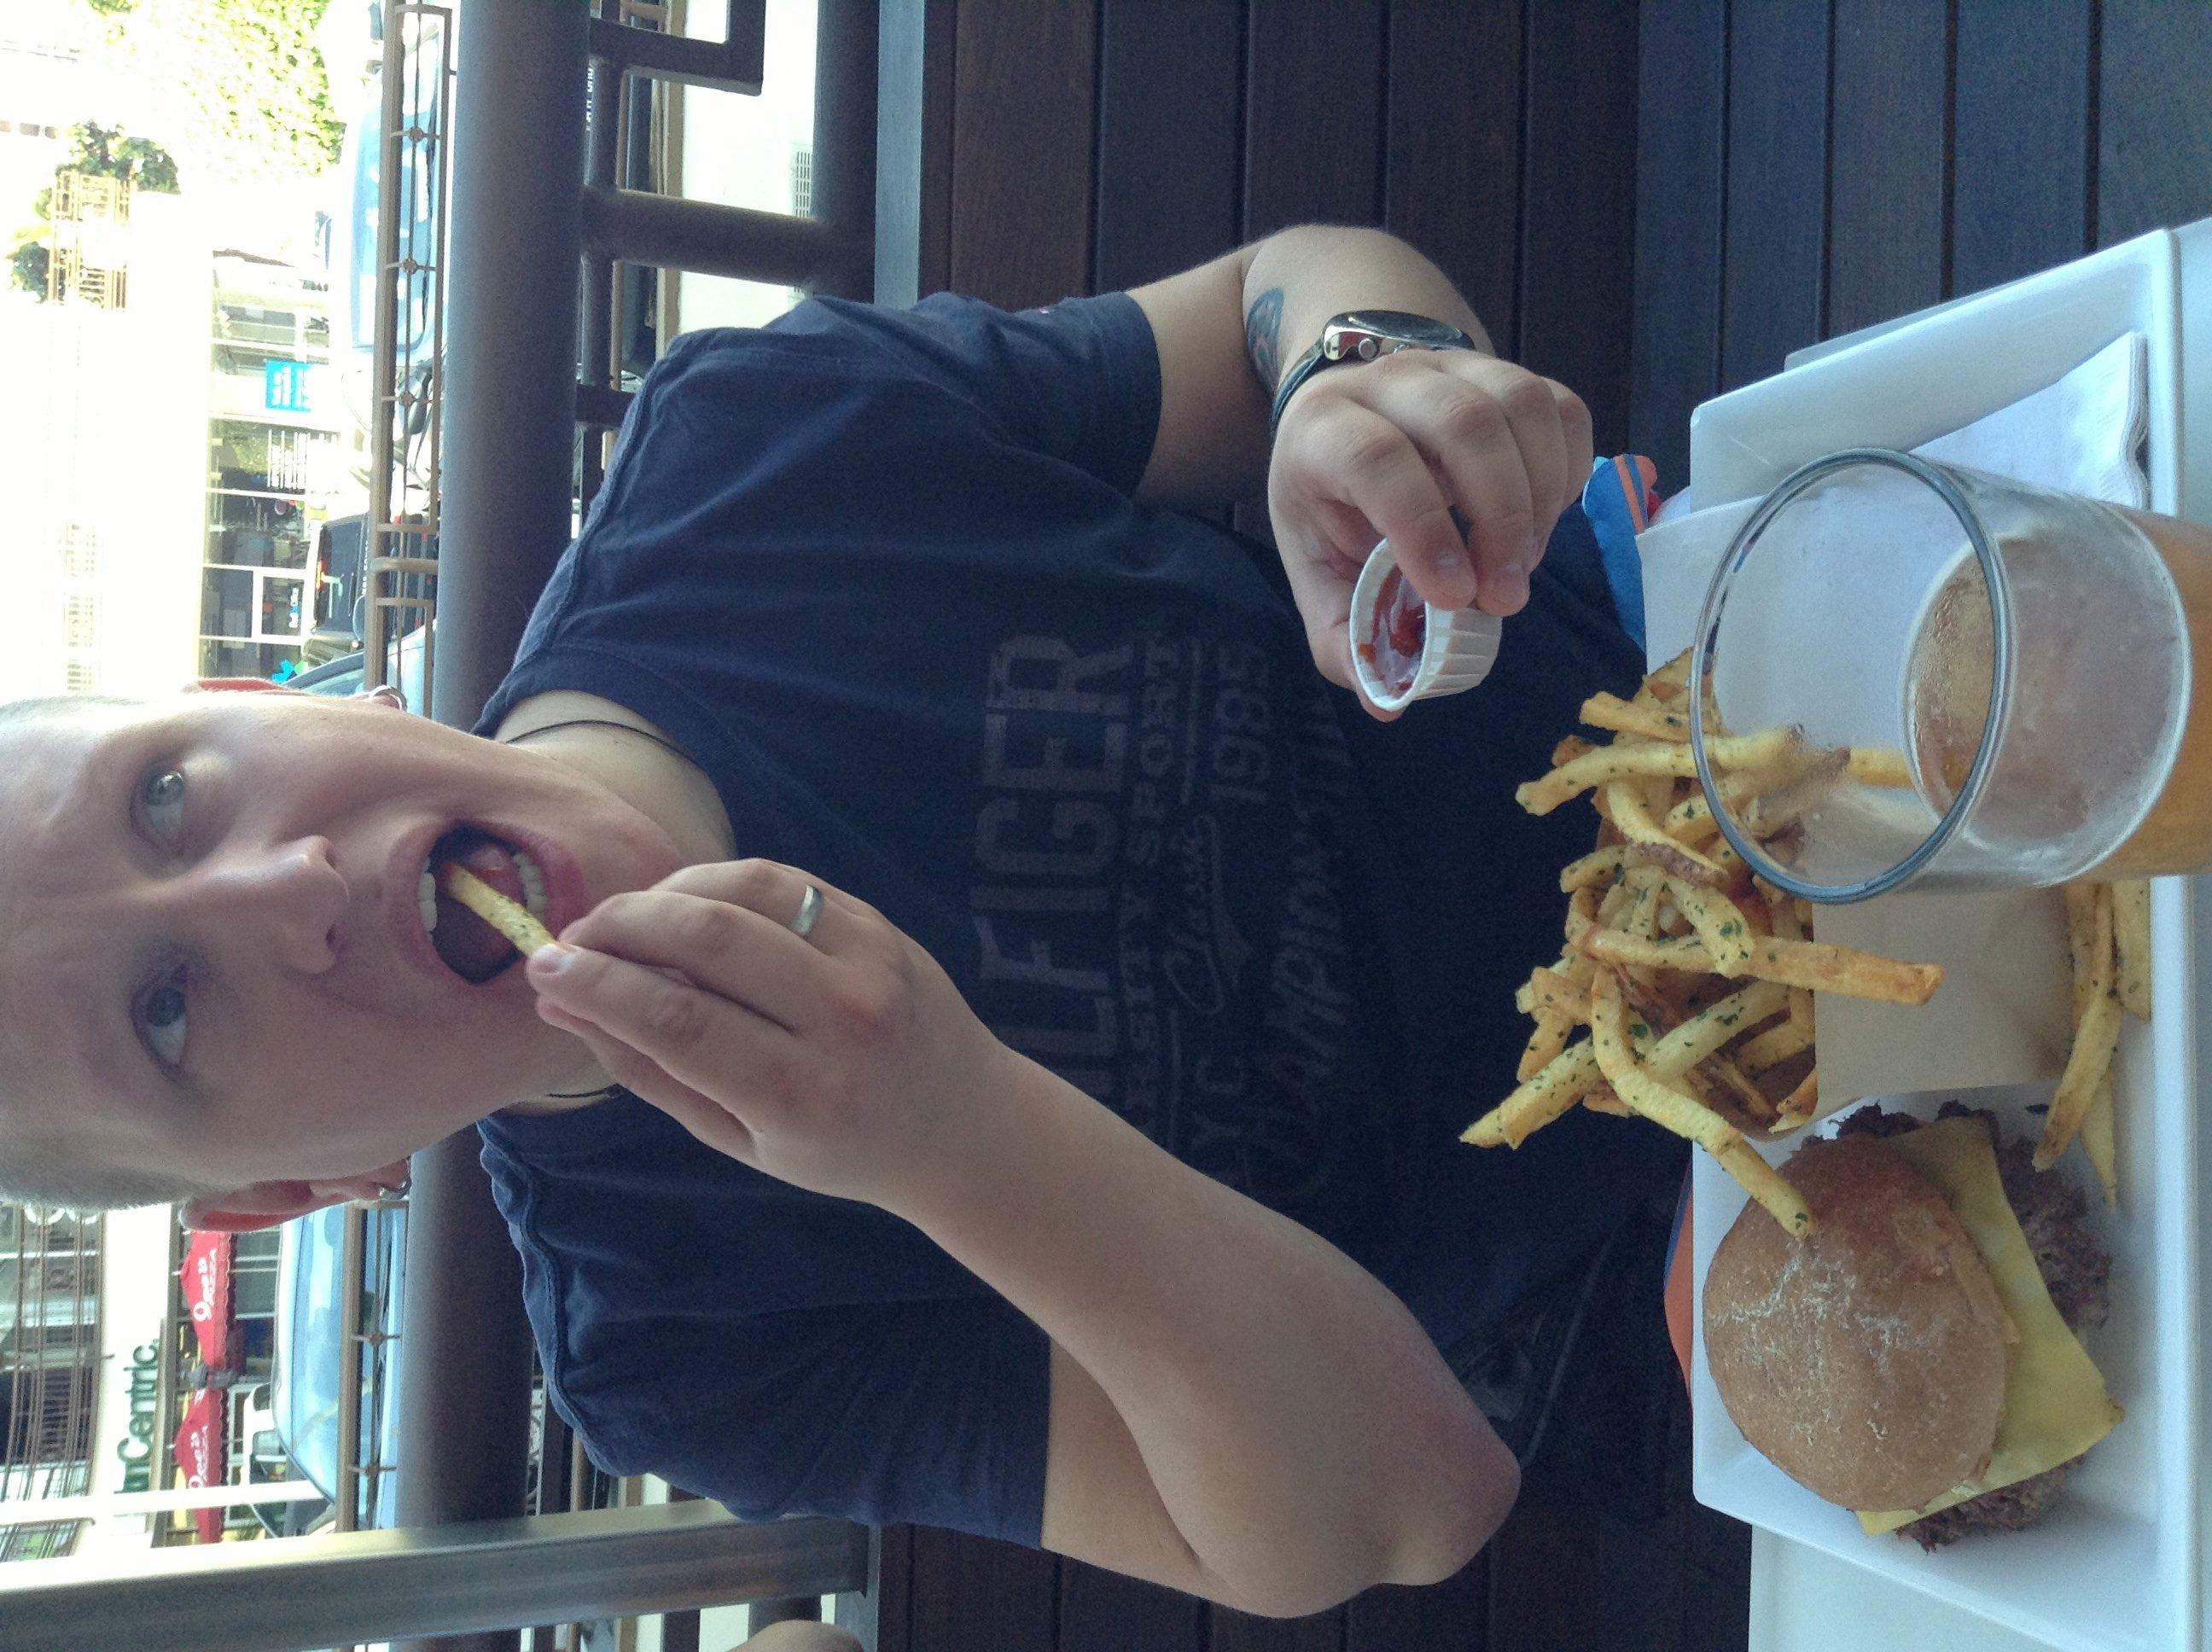 Петр одобряет органический кетчуп и котлеты из коровок, откормленных без гормонов и антибиотиков ок! - Изображение 1